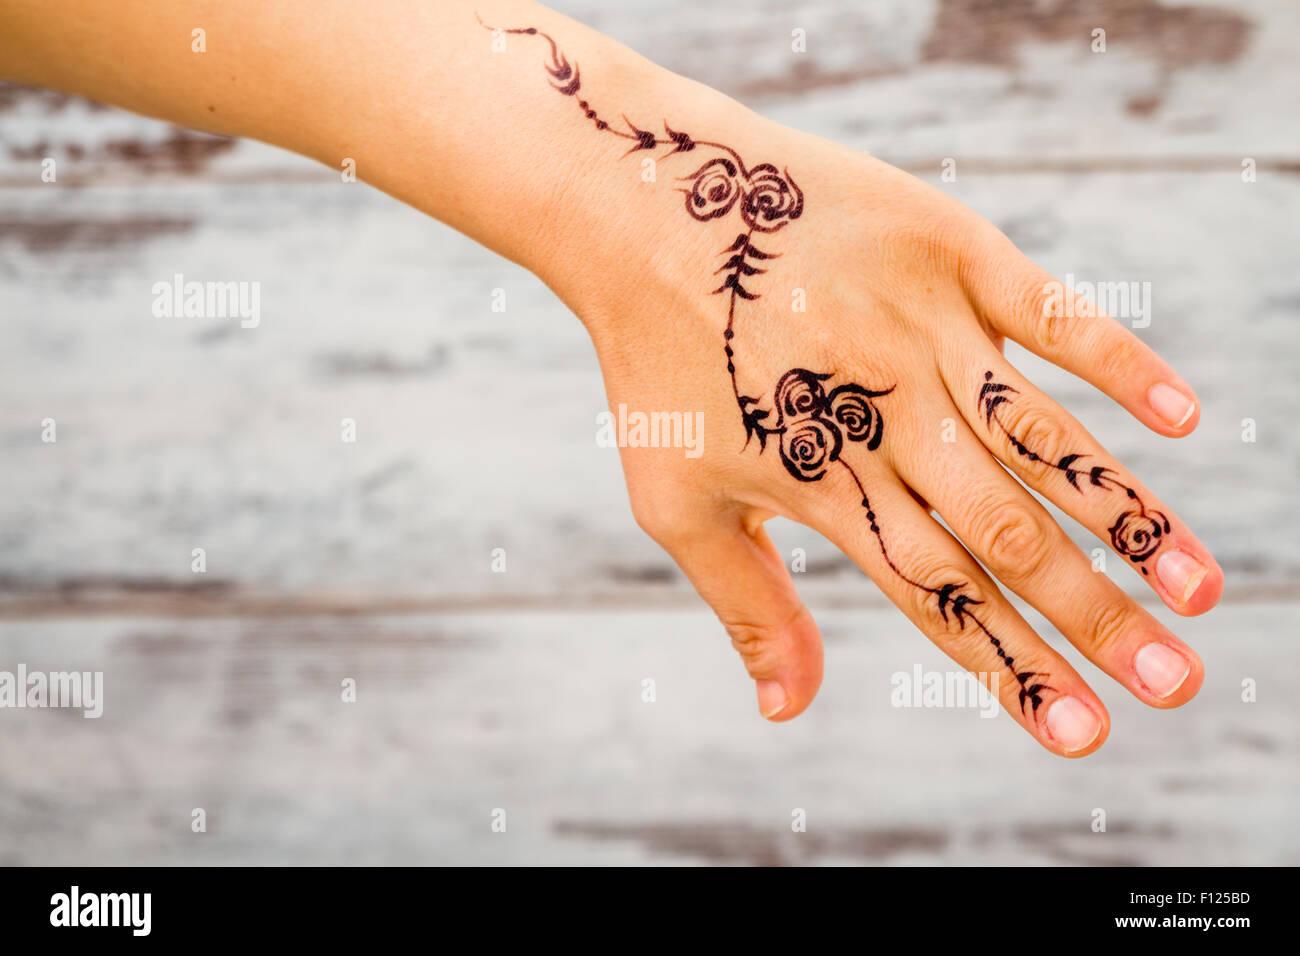 Frau ohne Nagellack mit floralen Figuren mit schwarzen Henna ...